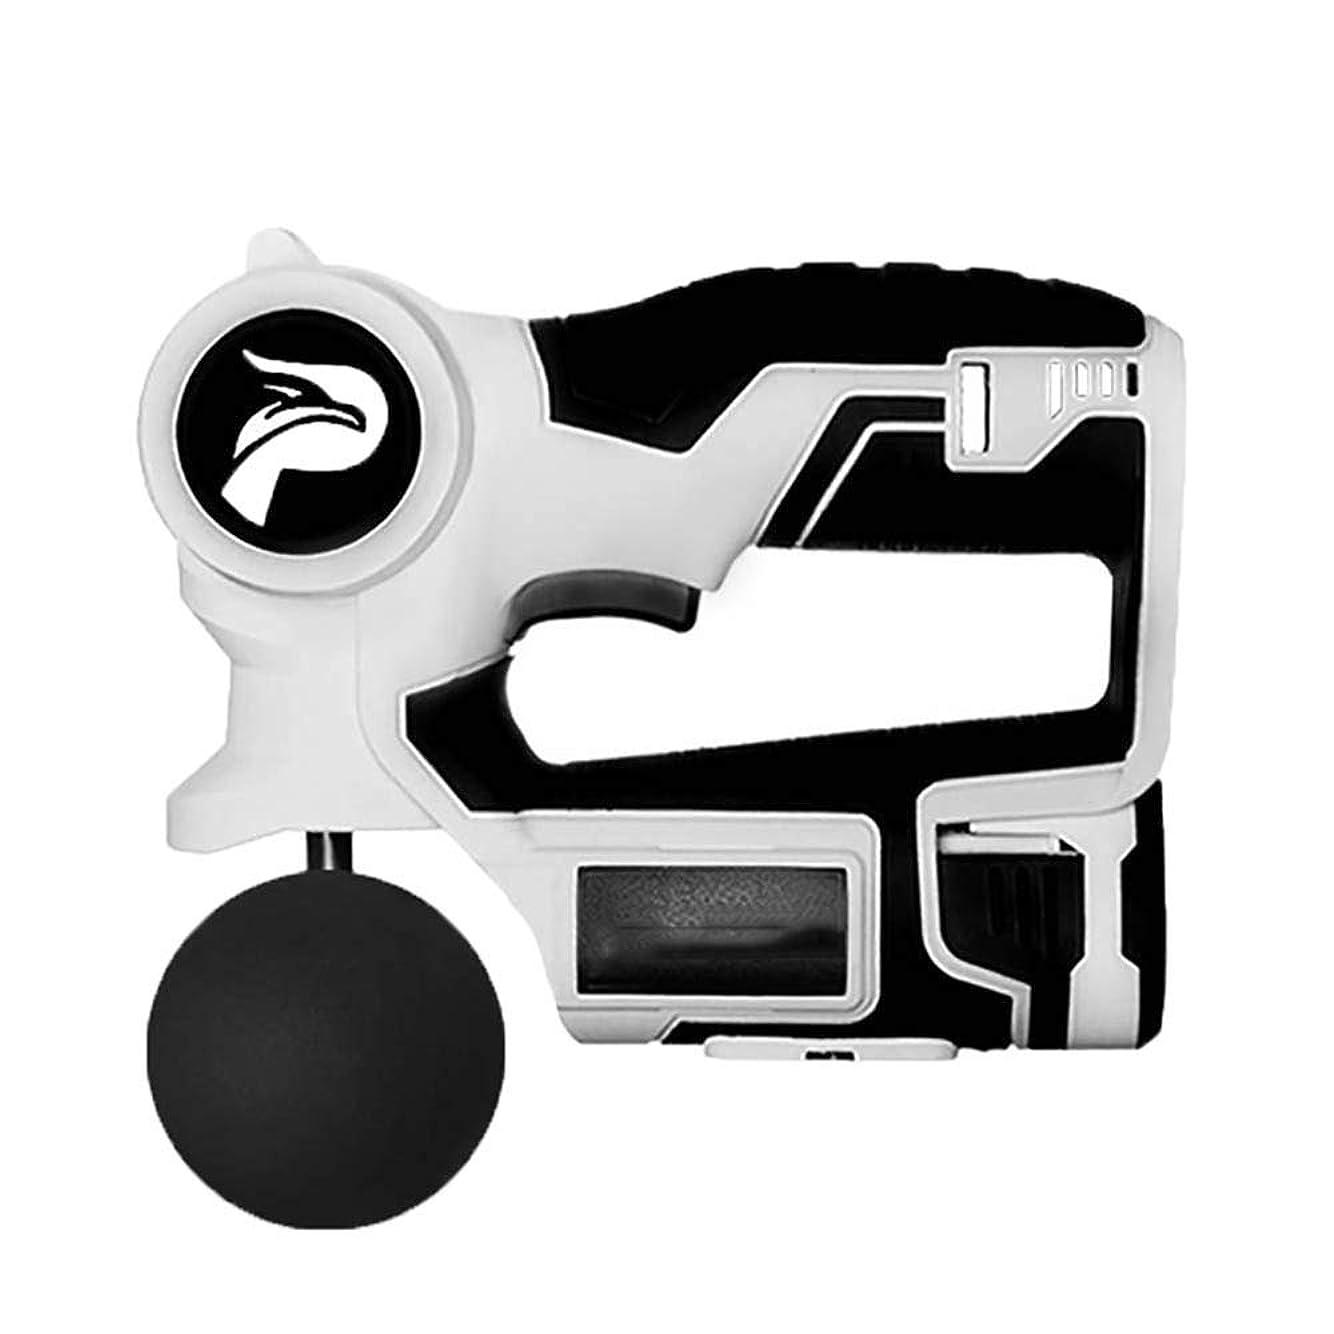 ロゴ現金母マッサージガン、パーソナルパーカッション手持ち型マッスルマッサージャー - ディープティシューマッサージャー2700回/分6スピード設定 - 4マッサージヘッド